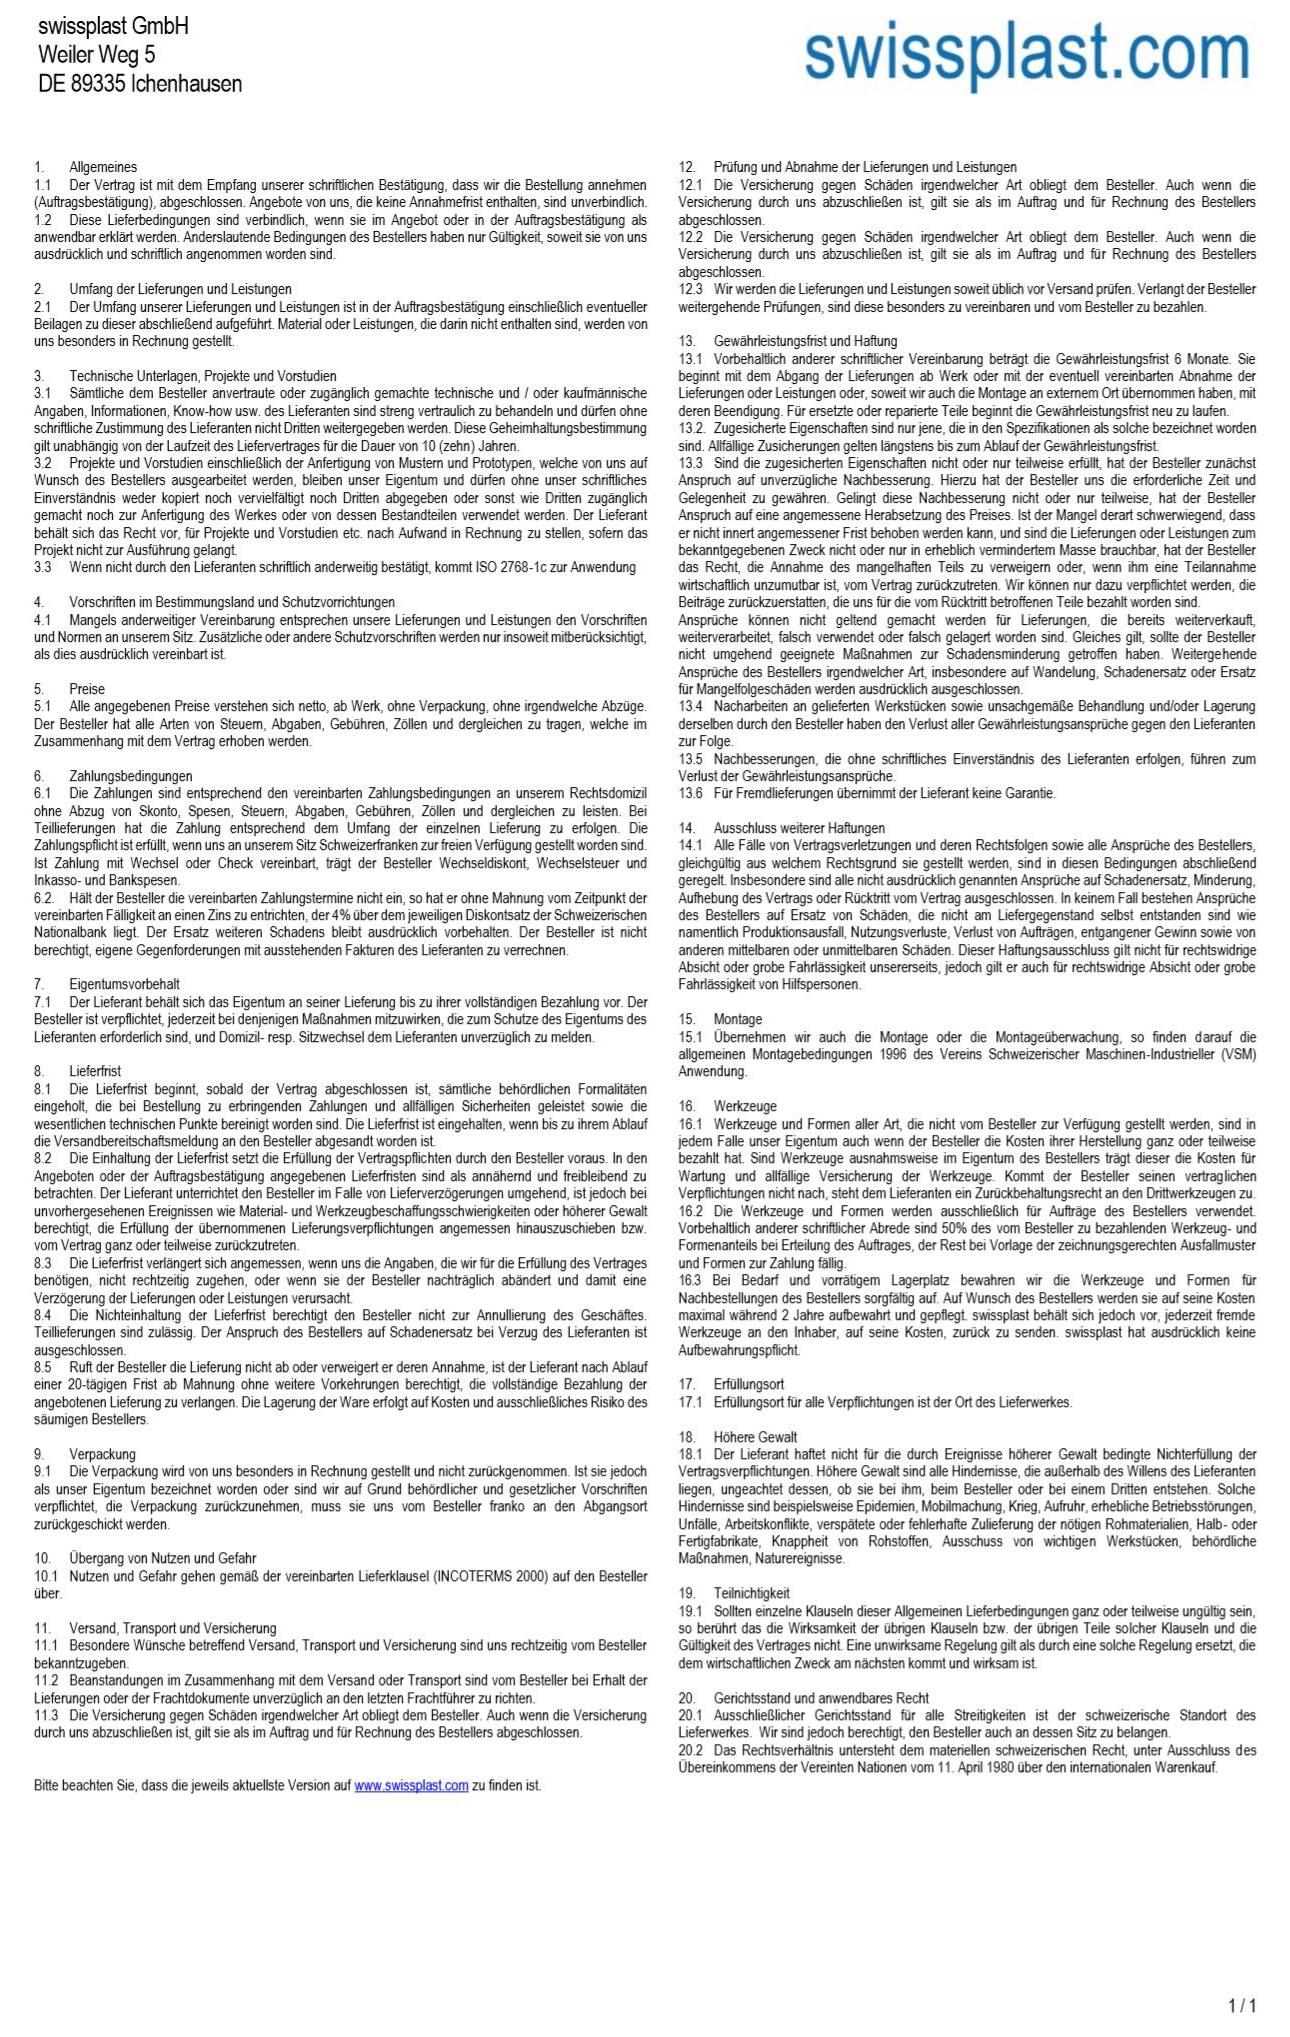 Die allgemeinen Geschäftsbedingungen der swissplast GmbH